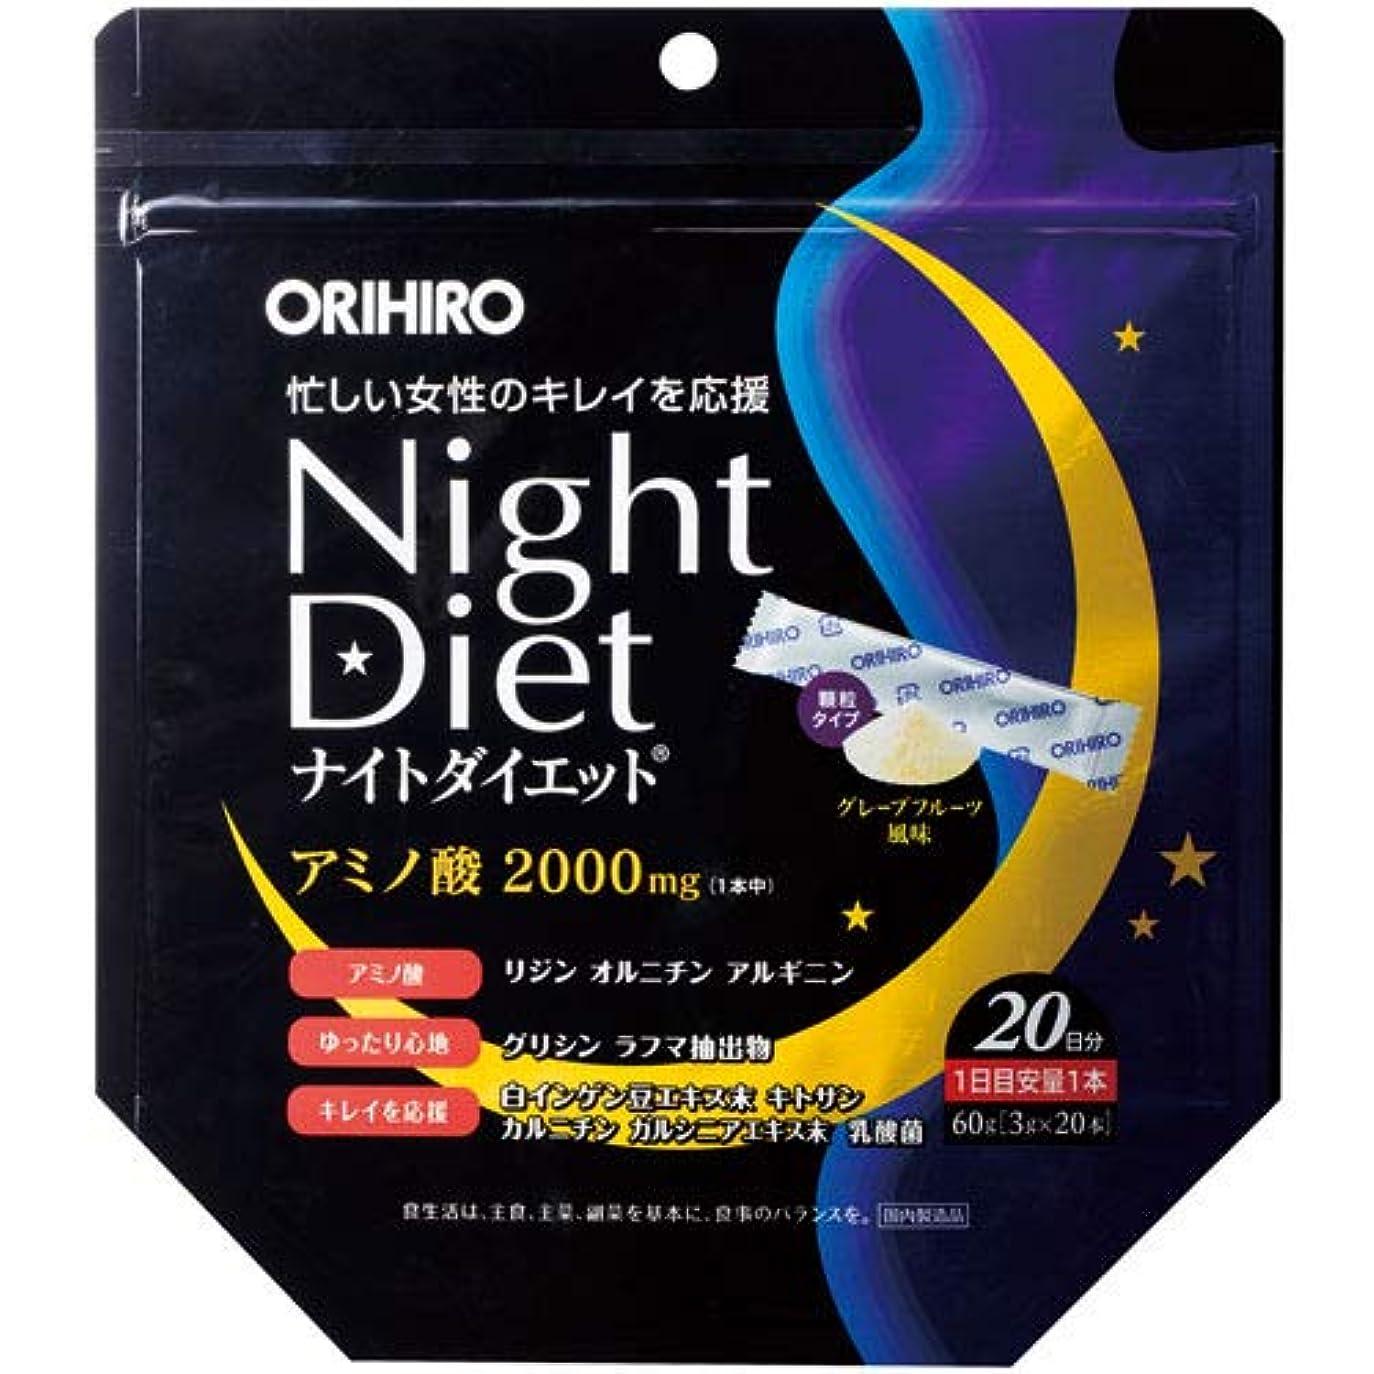 フィードバック奨励します移動オリヒロ ナイトダイエット 顆粒 20本×2個セット